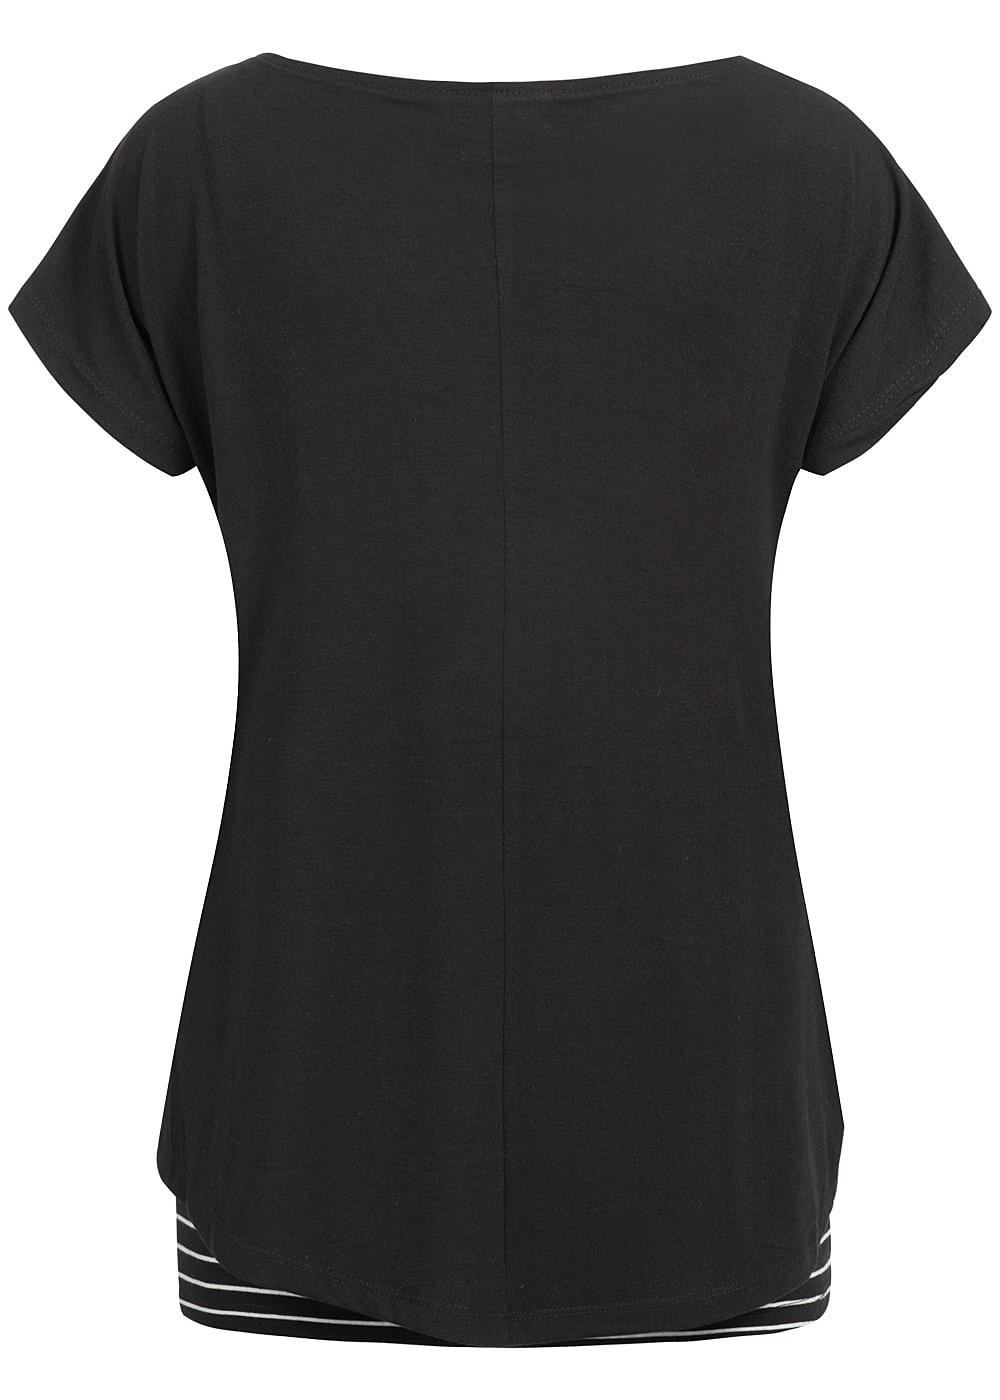 hailys damen 2in1 t shirt gestreift schwarz weiss. Black Bedroom Furniture Sets. Home Design Ideas